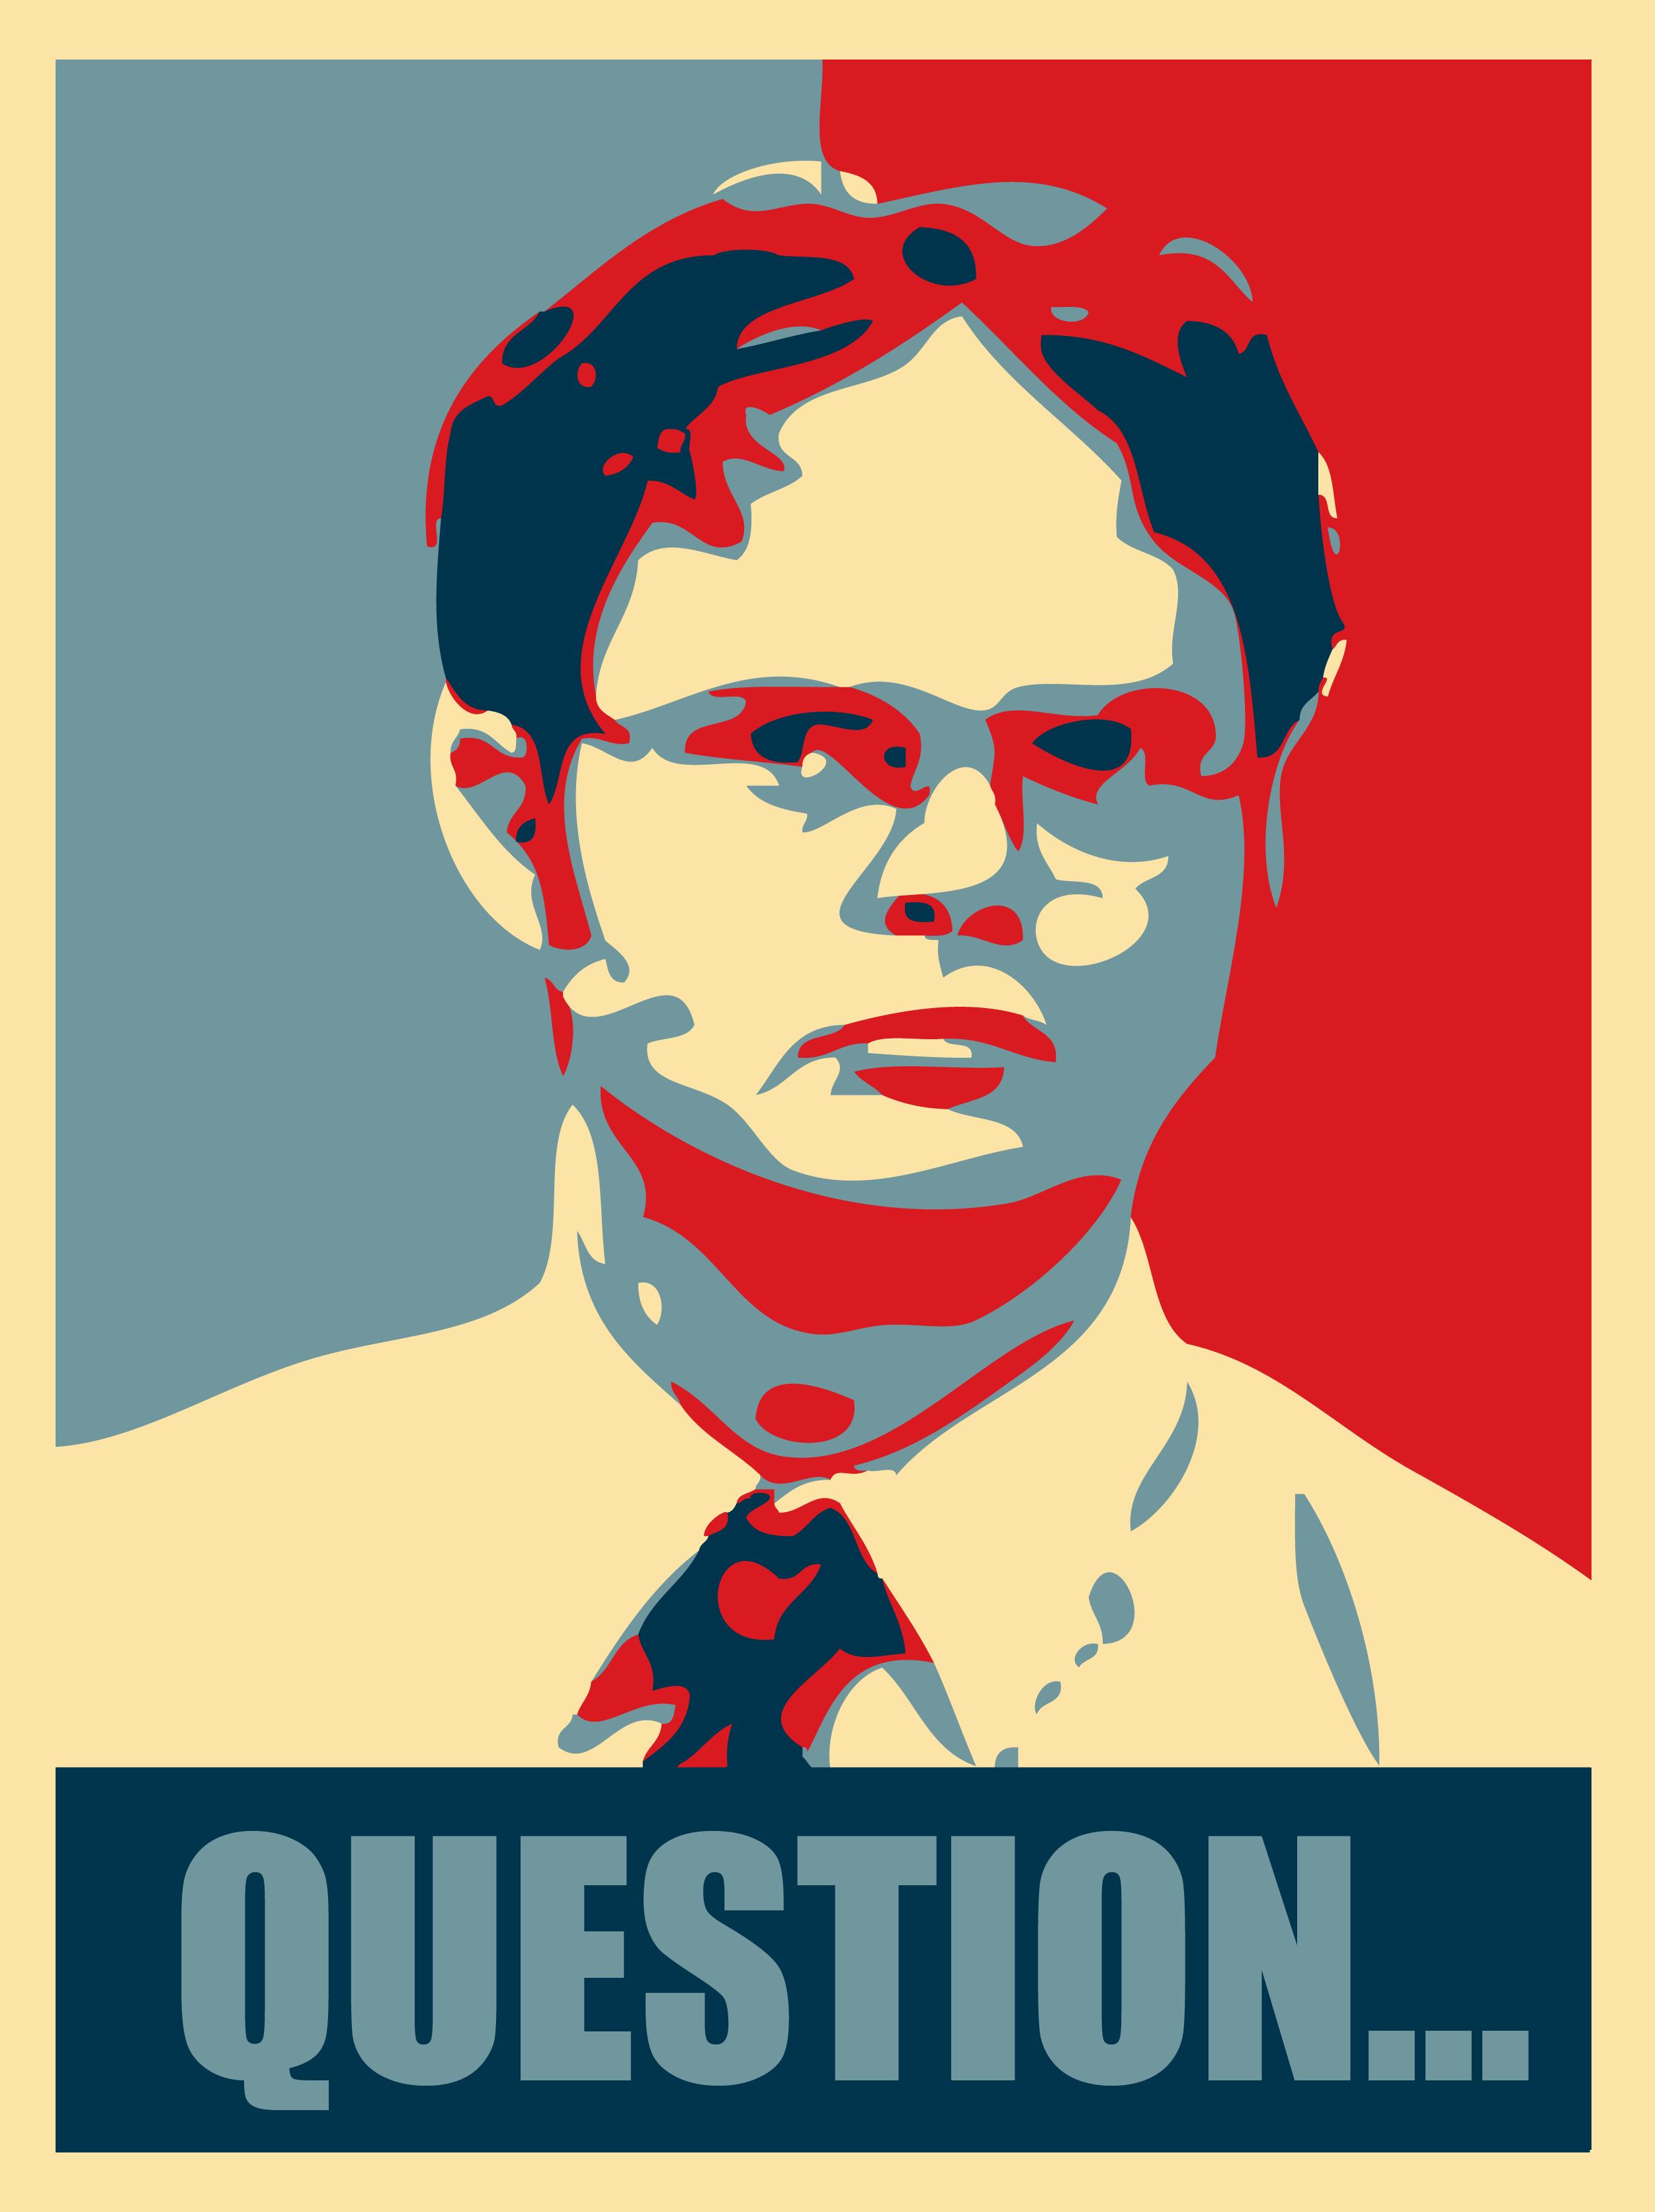 Dwight Schrute: Question... by FearOfTheBlackWolf